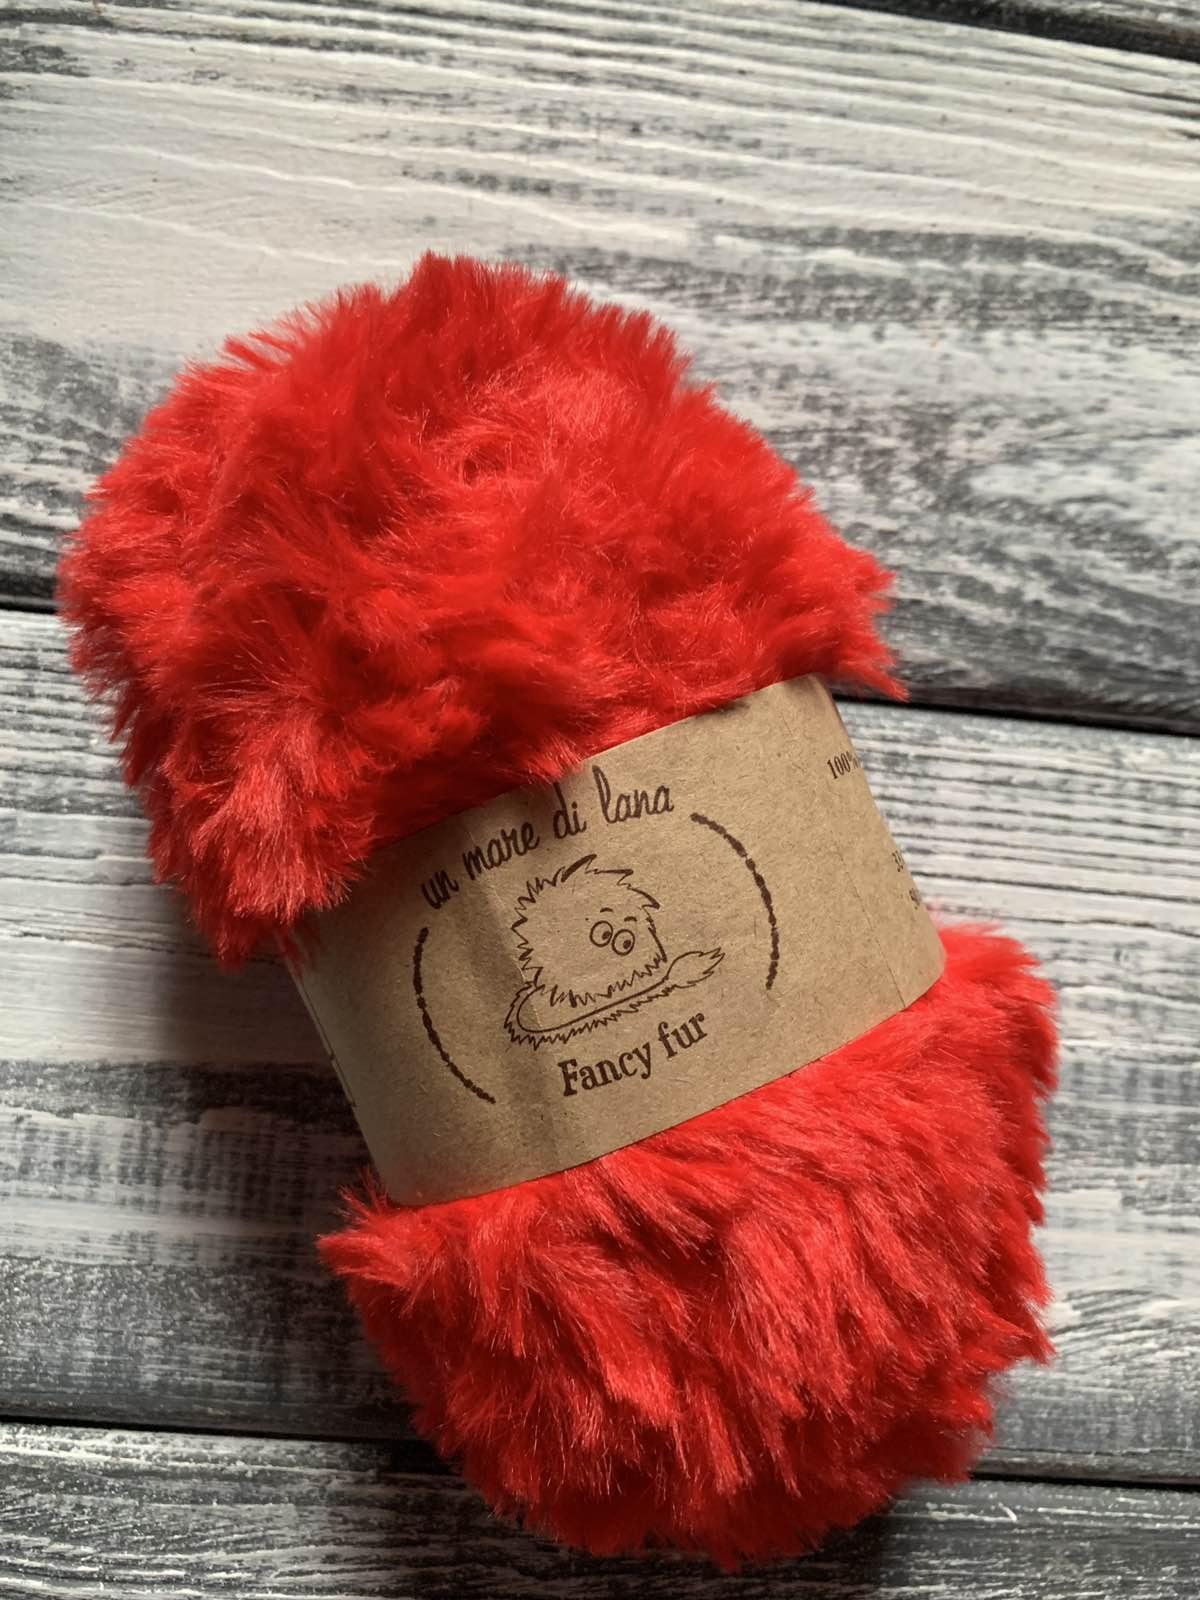 Wool Sea Fancy fur (Море шерсти Фанси фе ) 06 - красный заказать в Минске